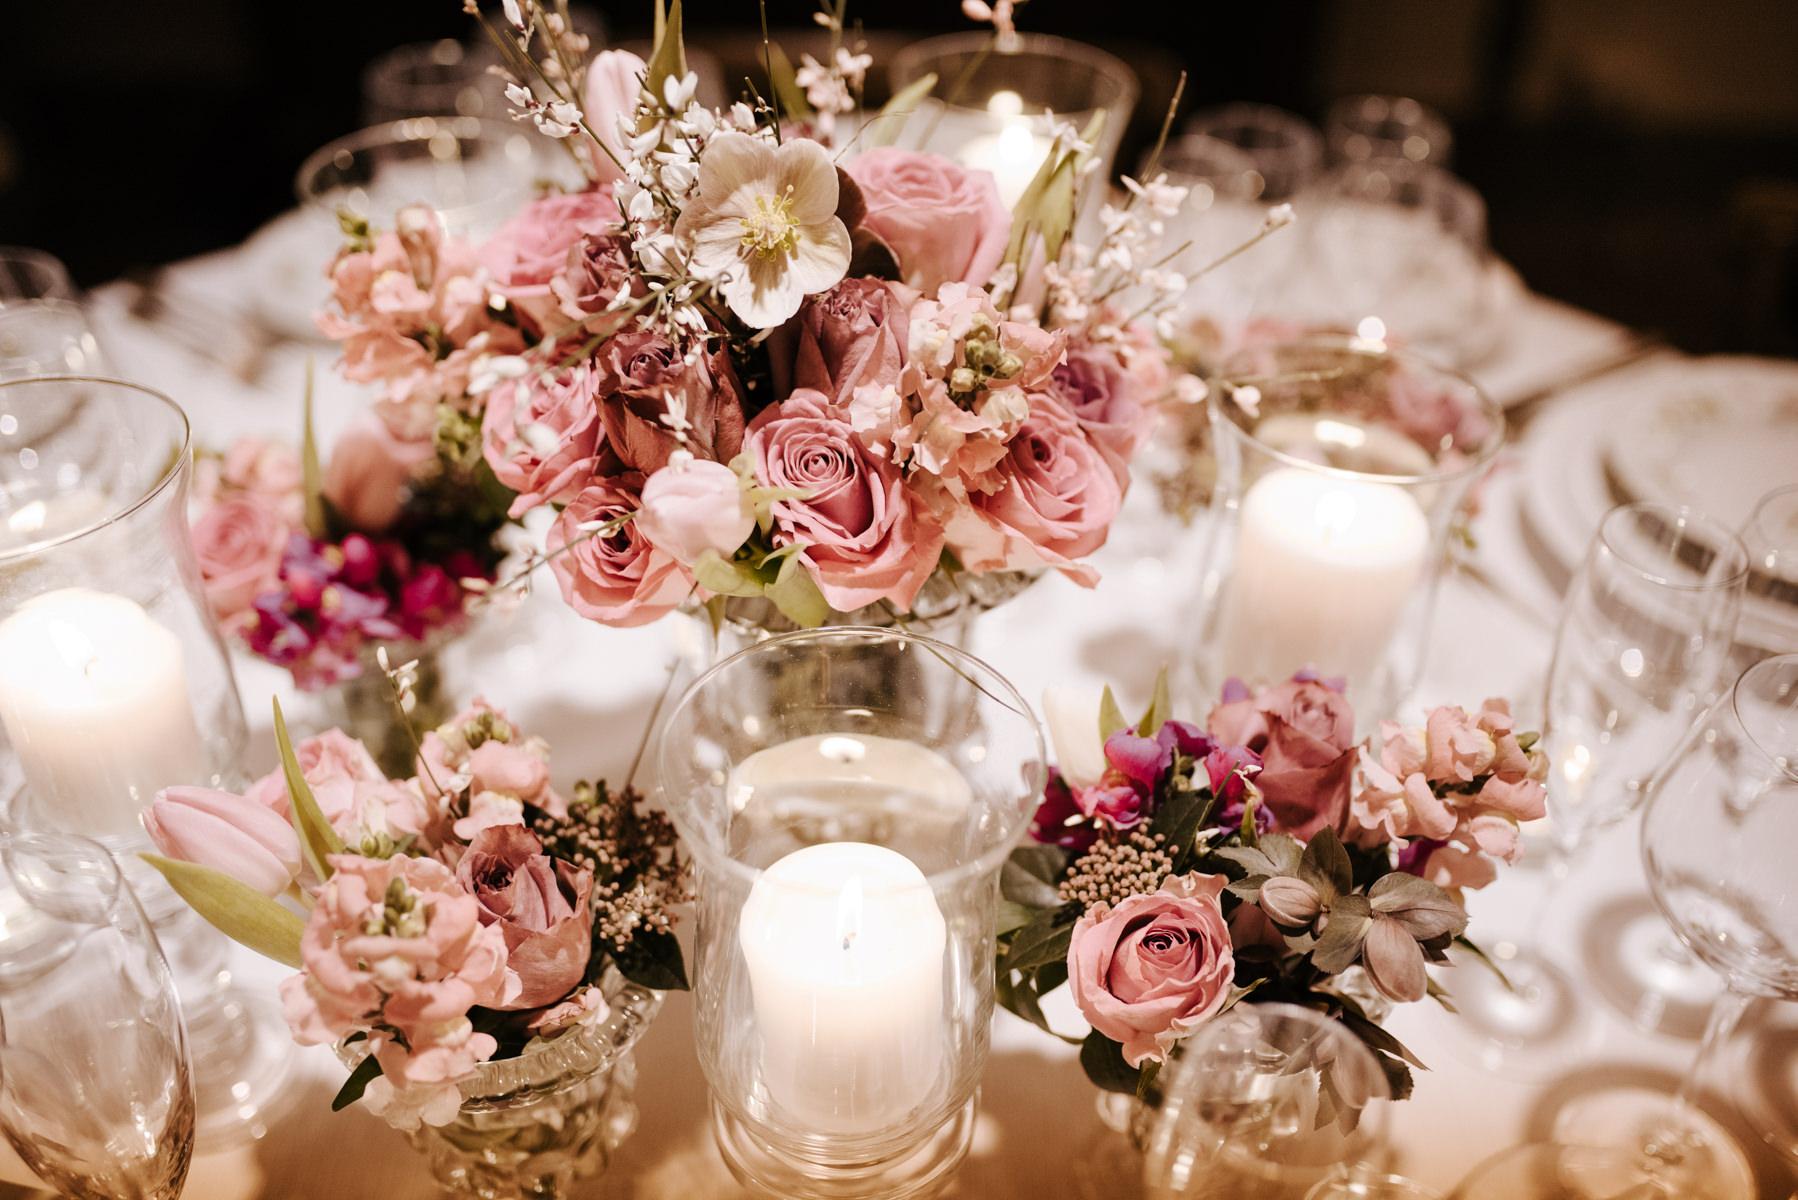 wedding-flowers-tuscany-italy